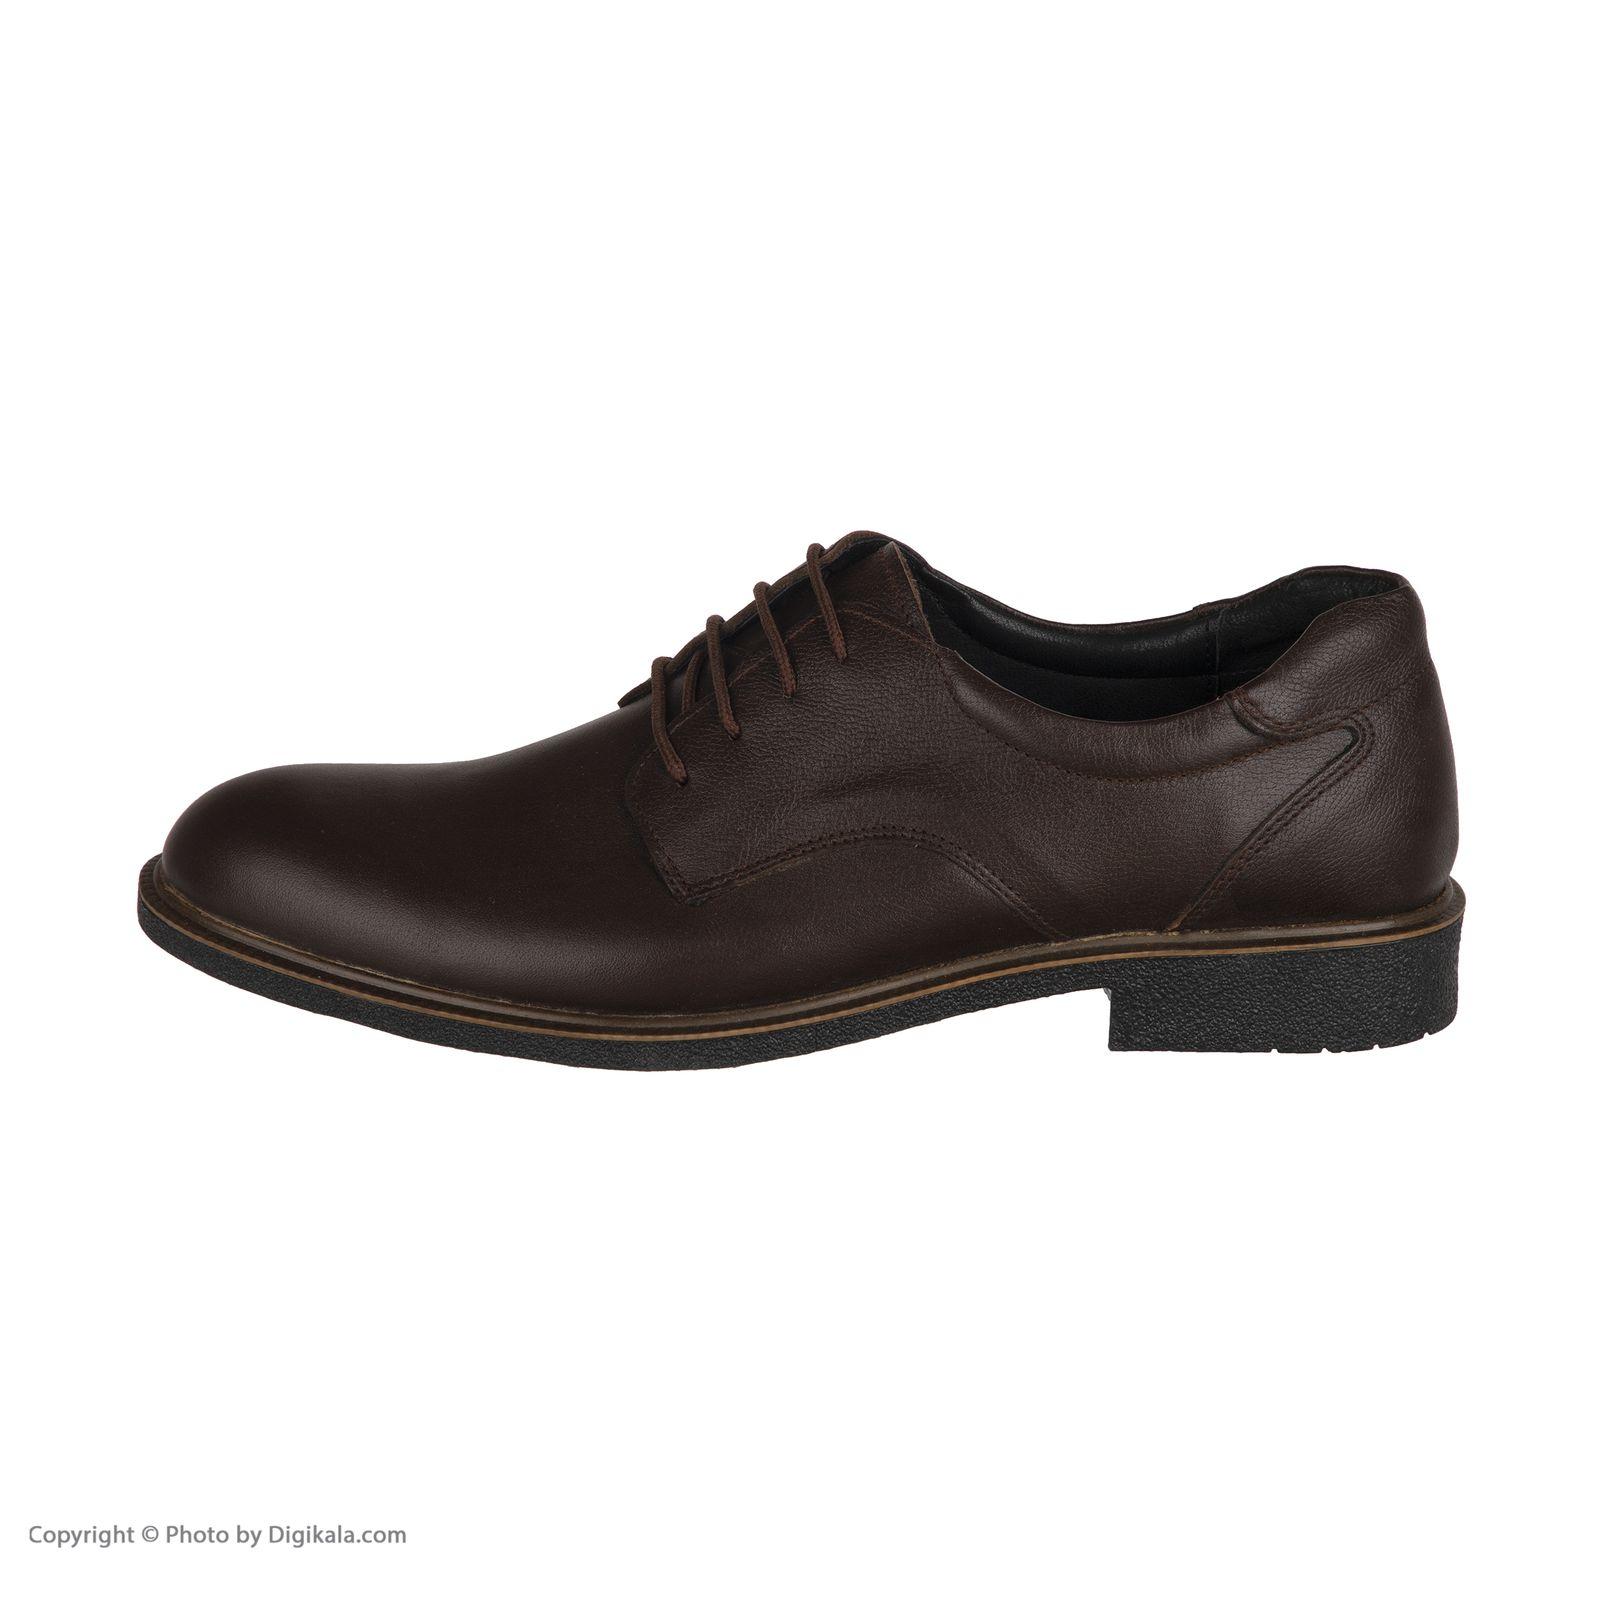 کفش مردانه سوته مدل 4870L503104 -  - 3